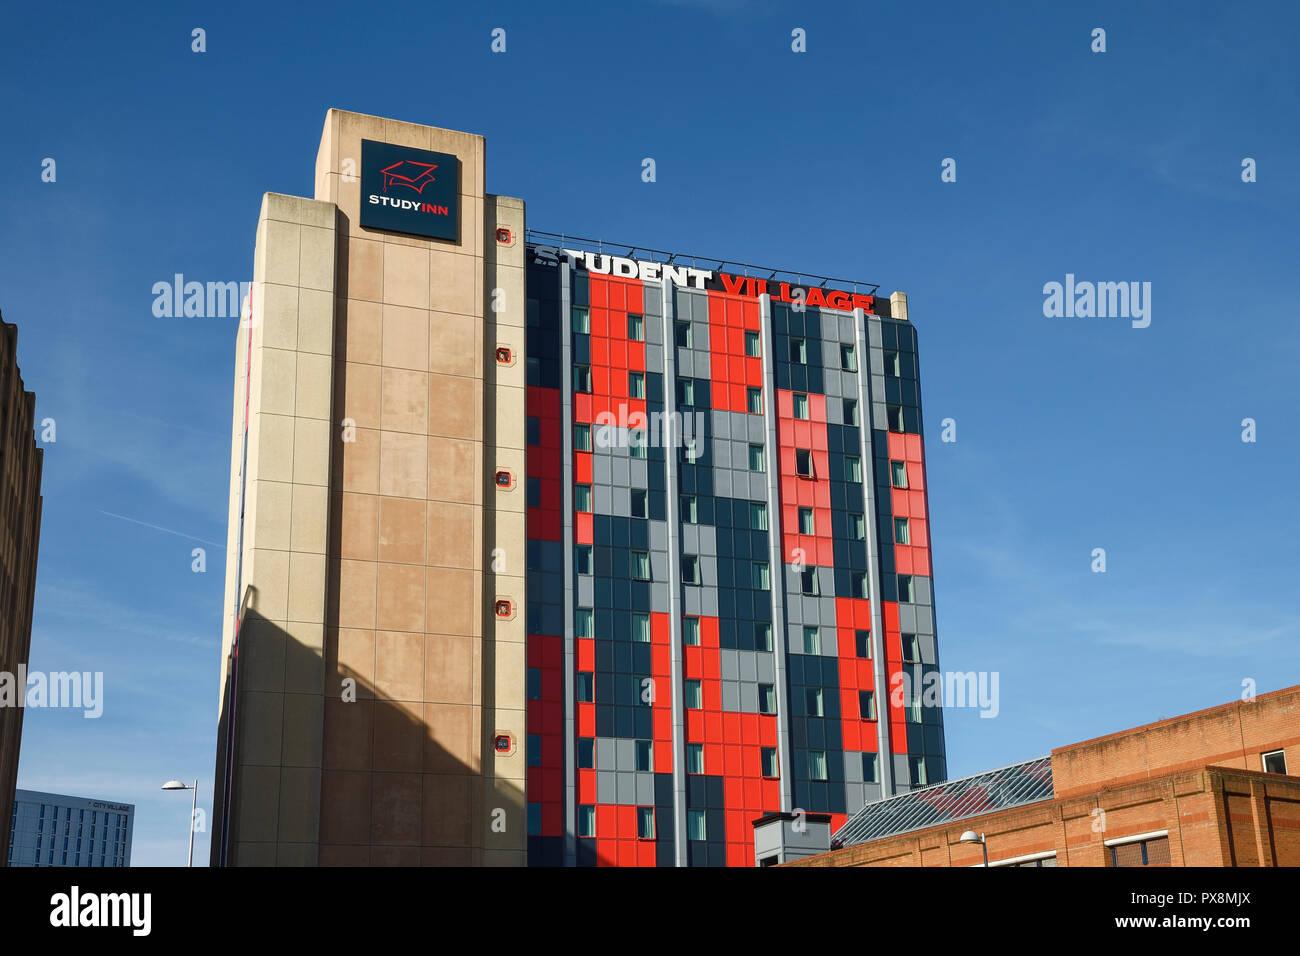 Estudio Inn Coventry Tower Student Village y alojamiento en la calle en el centro de la ciudad de Coventry Reino Unido Foto de stock